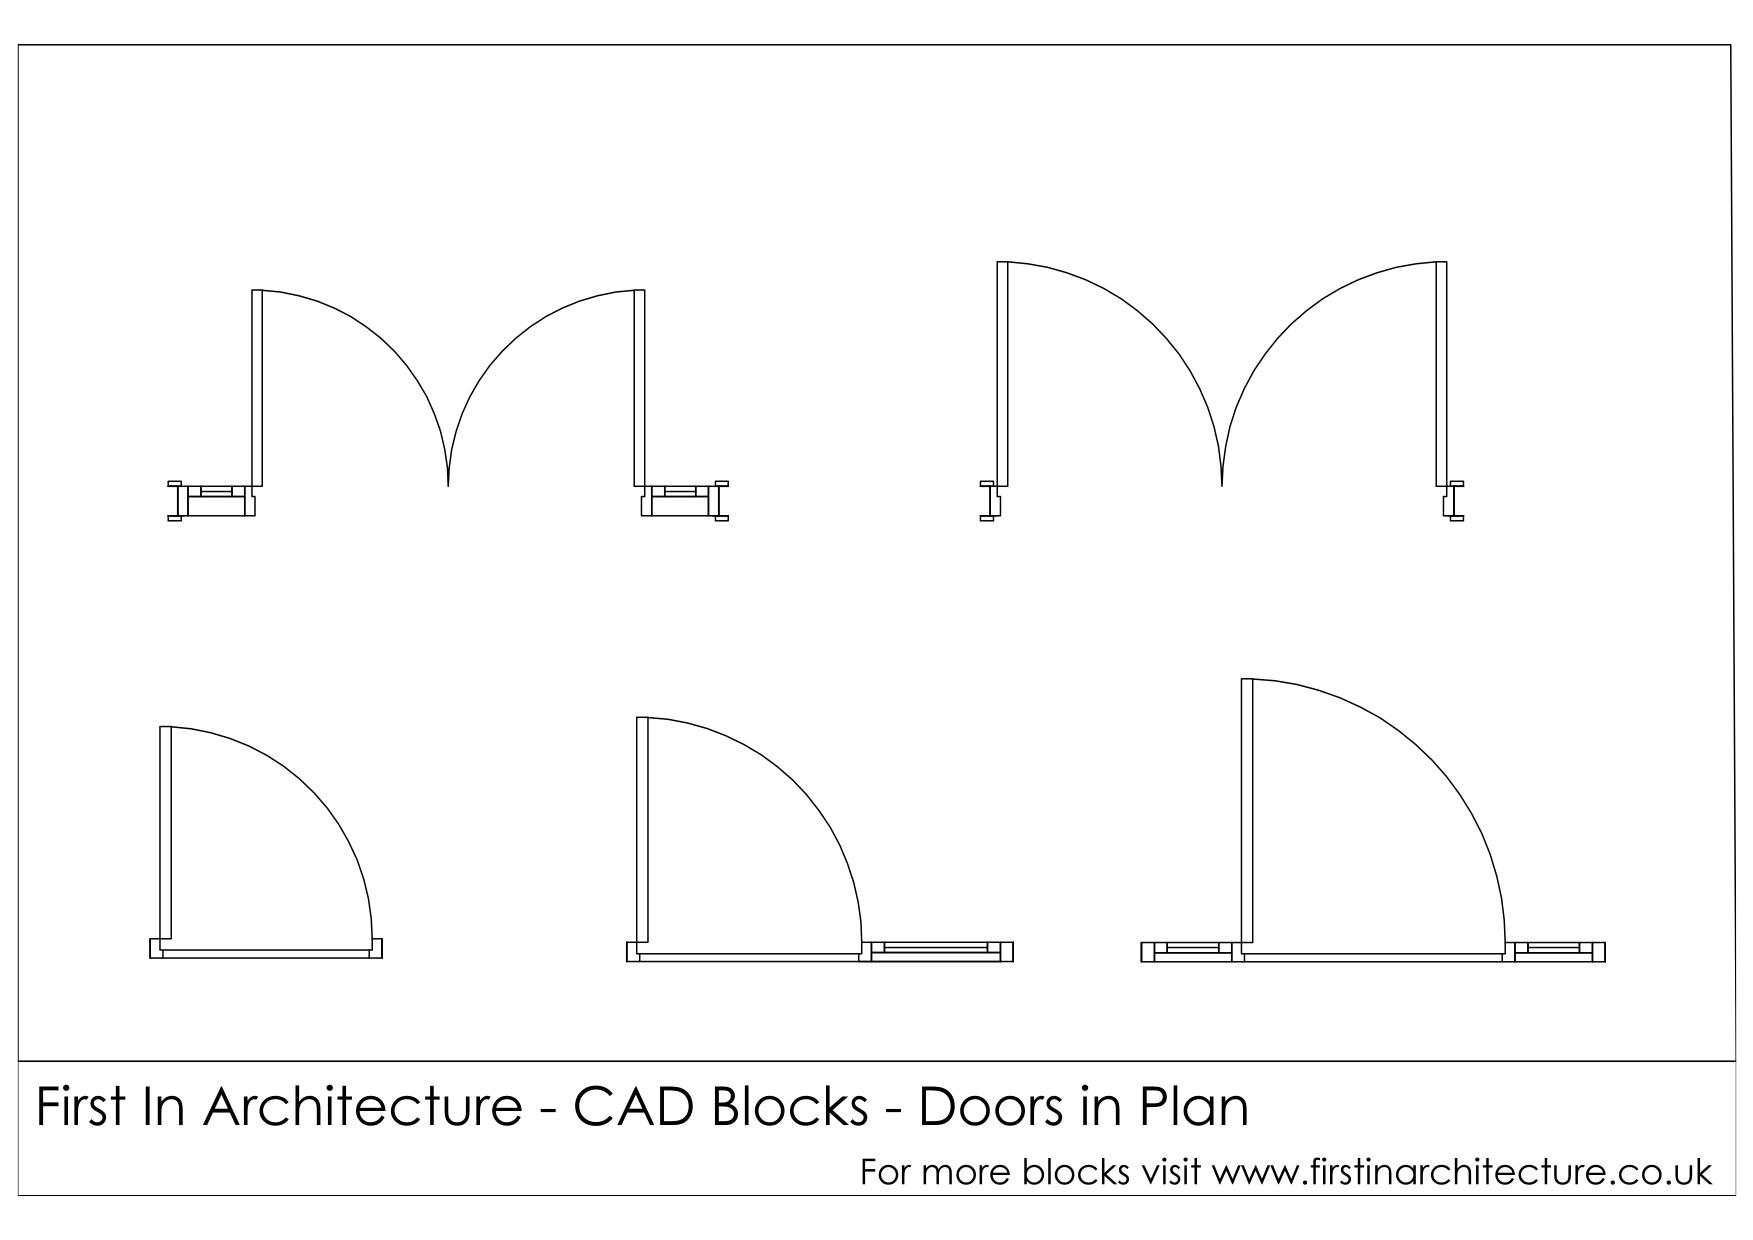 sc 1 st  CAD Blocks & Free CAD Blocks - Door ElevationsPlans